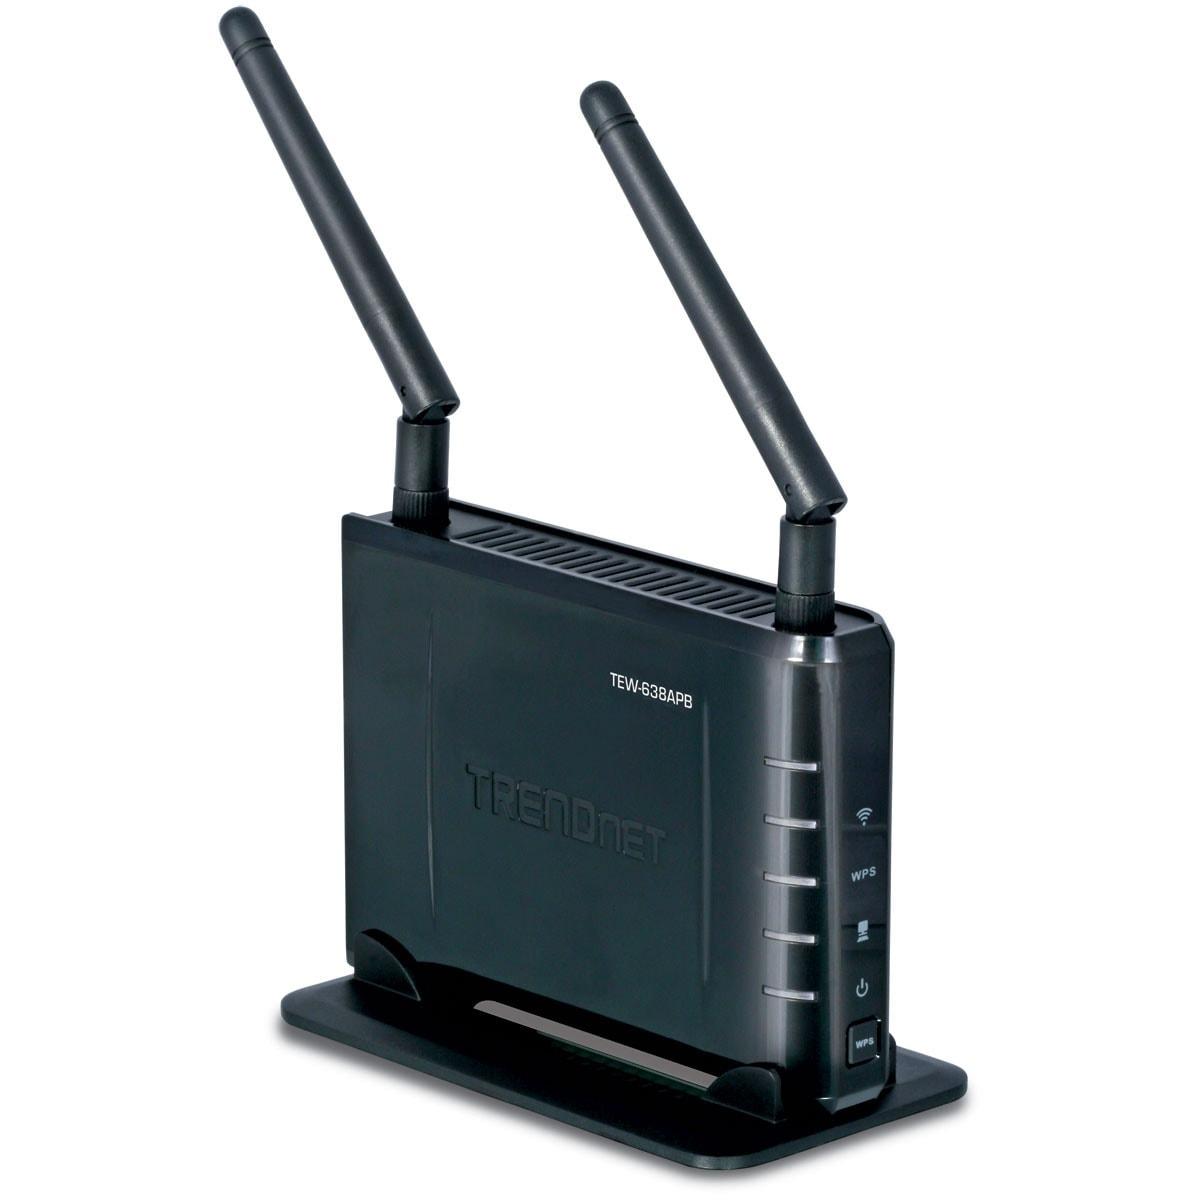 TrendNet TEW-638APB - Wifi 802.11n 300MB - Cybertek.fr - 3